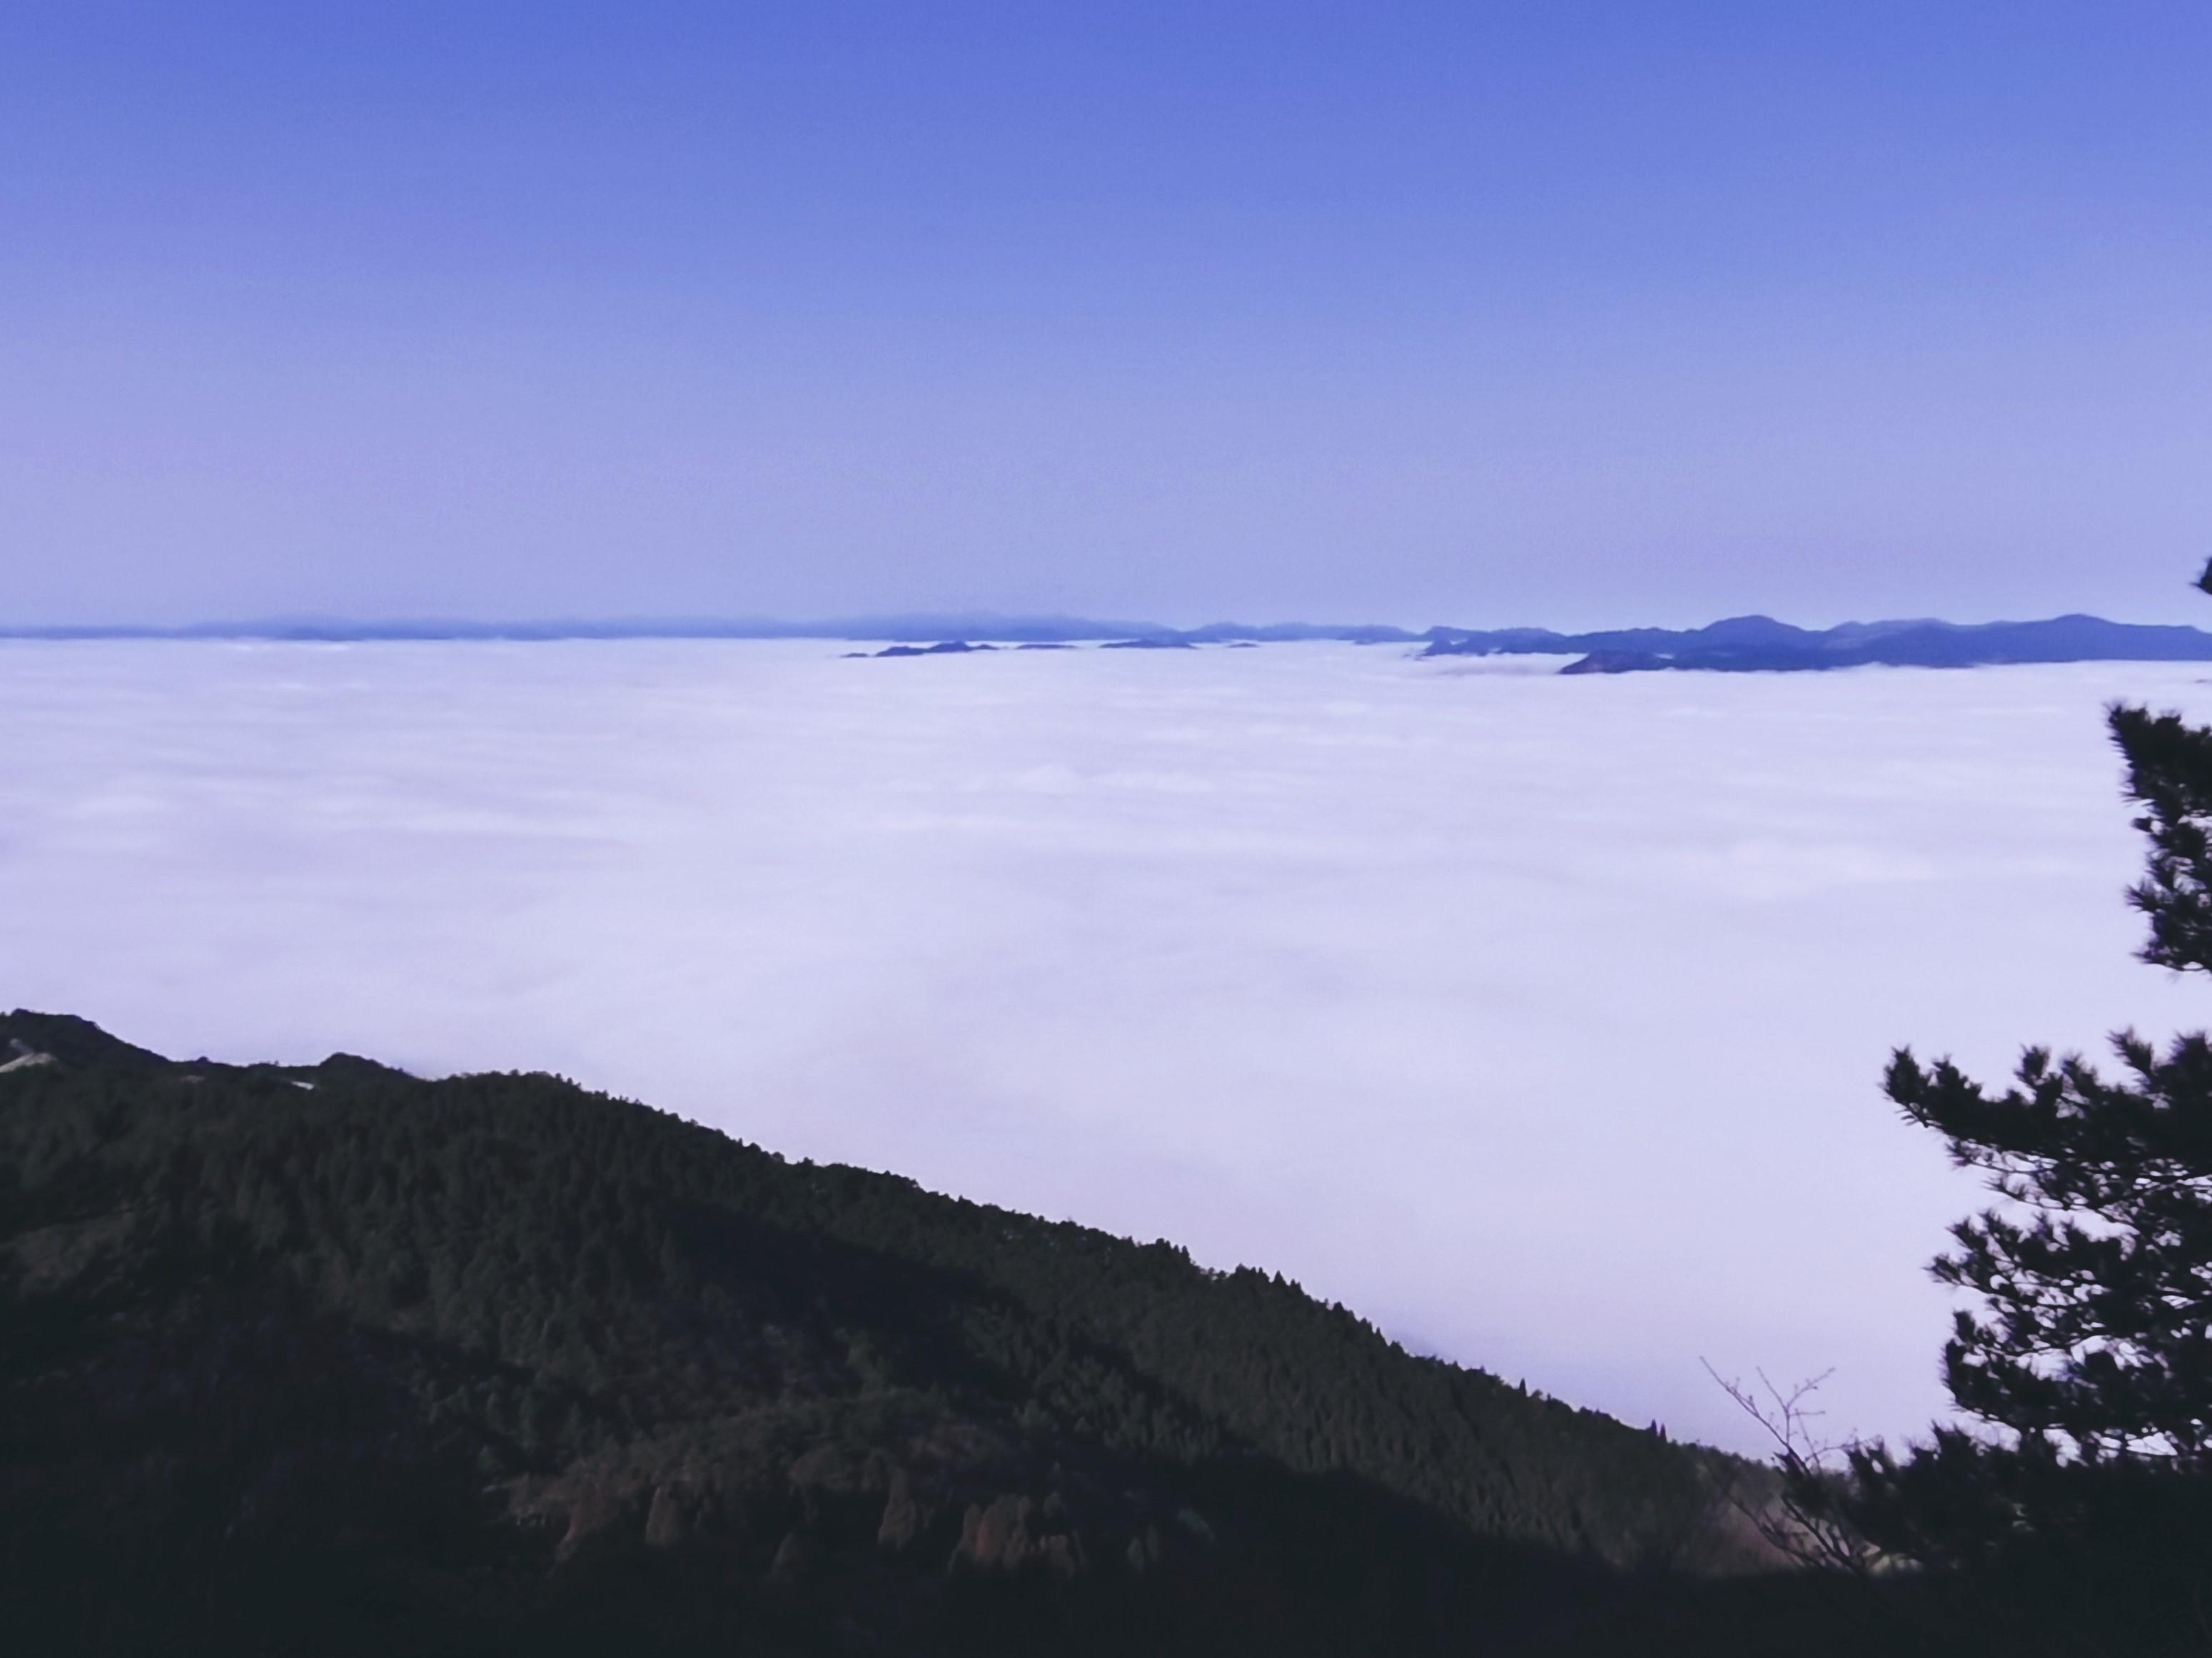 赴一场云上温柔 答应我 来敕木山看日出好吗?